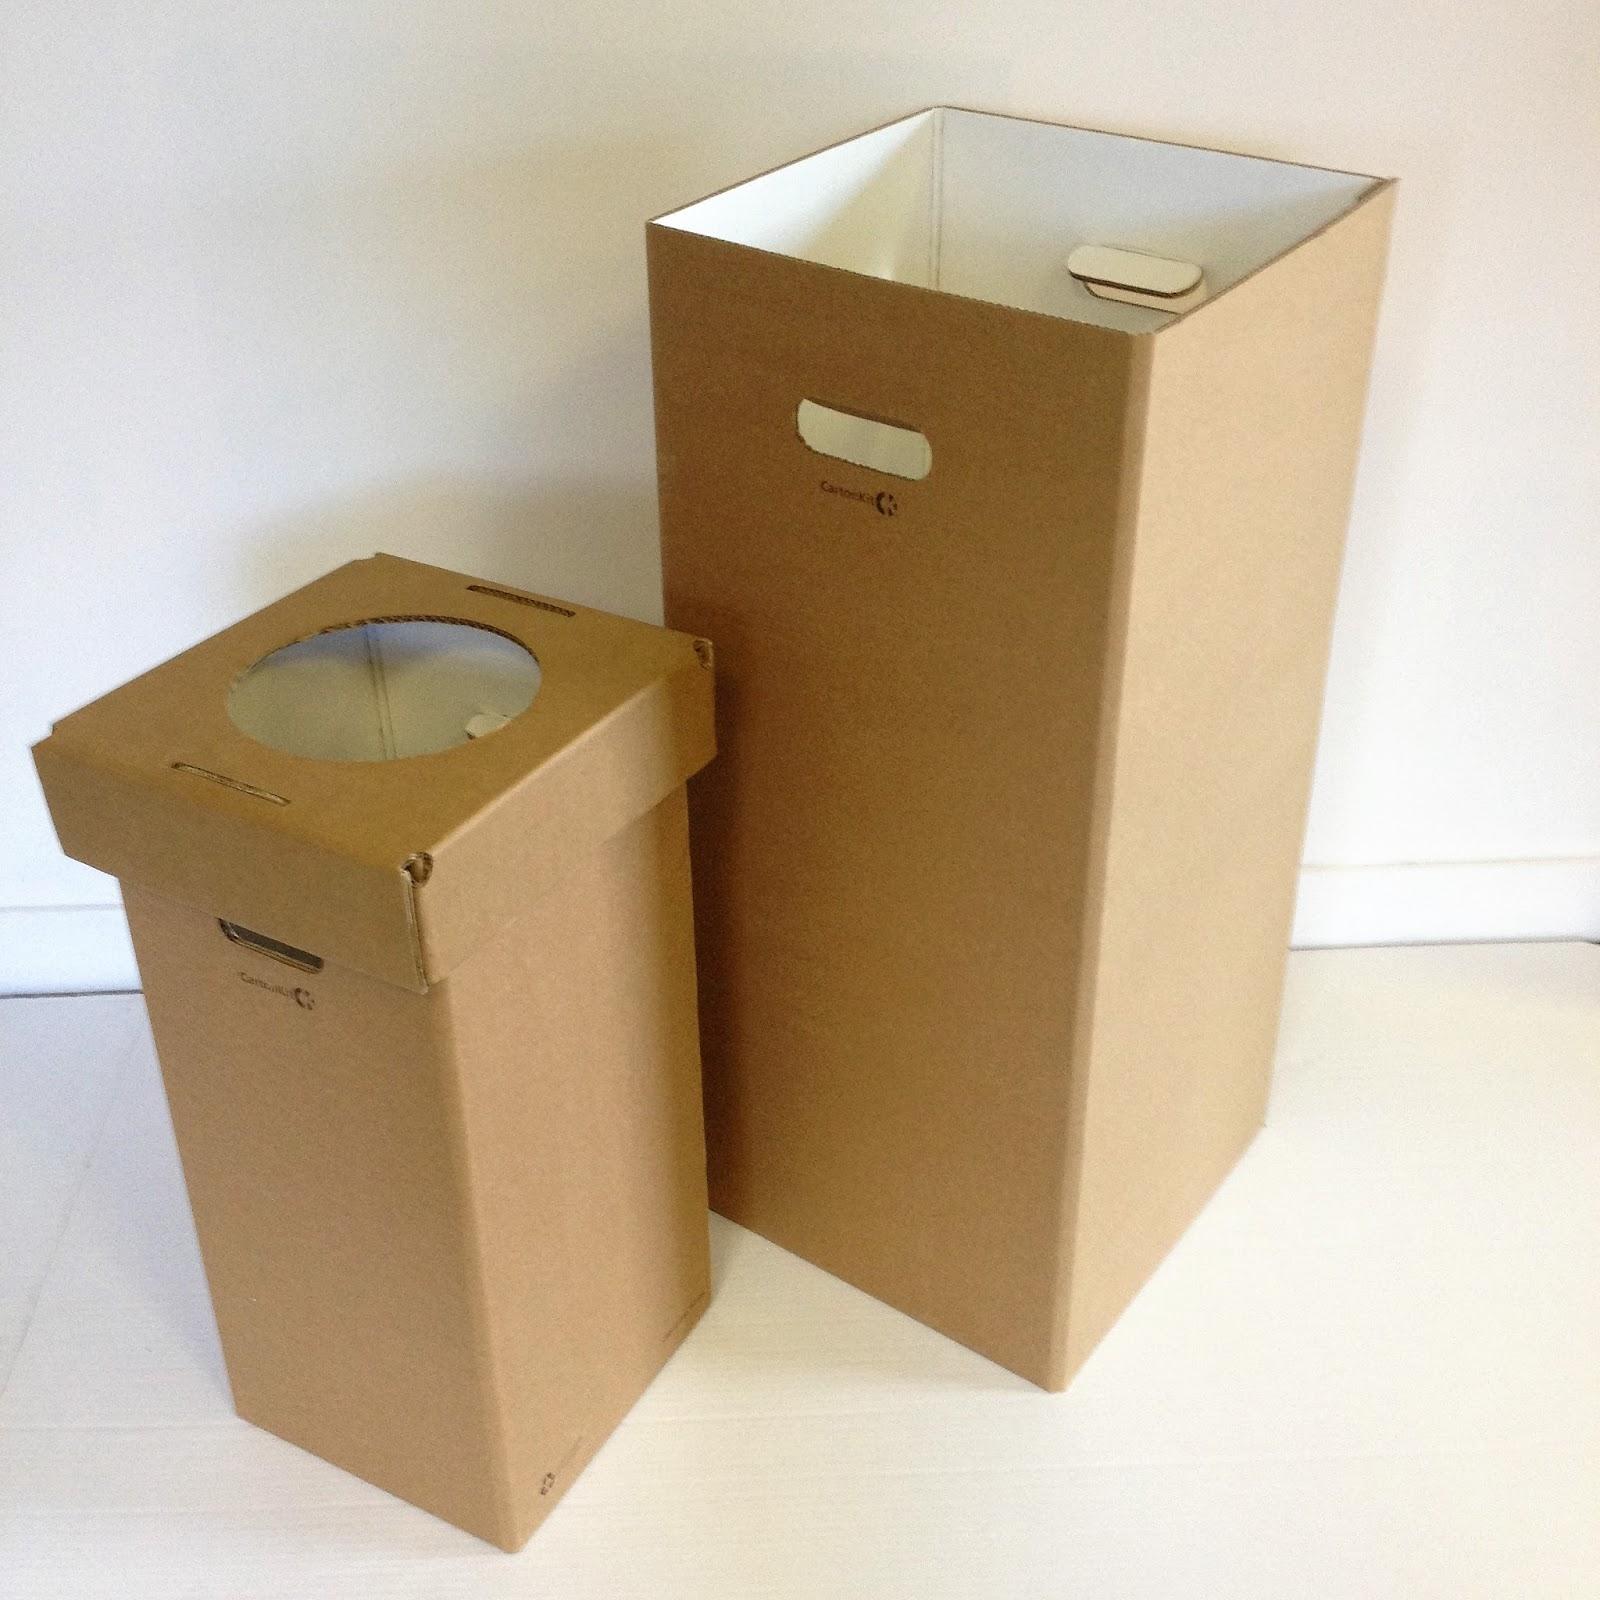 carton kit cr ations objets et meubles 100 carton poubelle corbeille carton. Black Bedroom Furniture Sets. Home Design Ideas